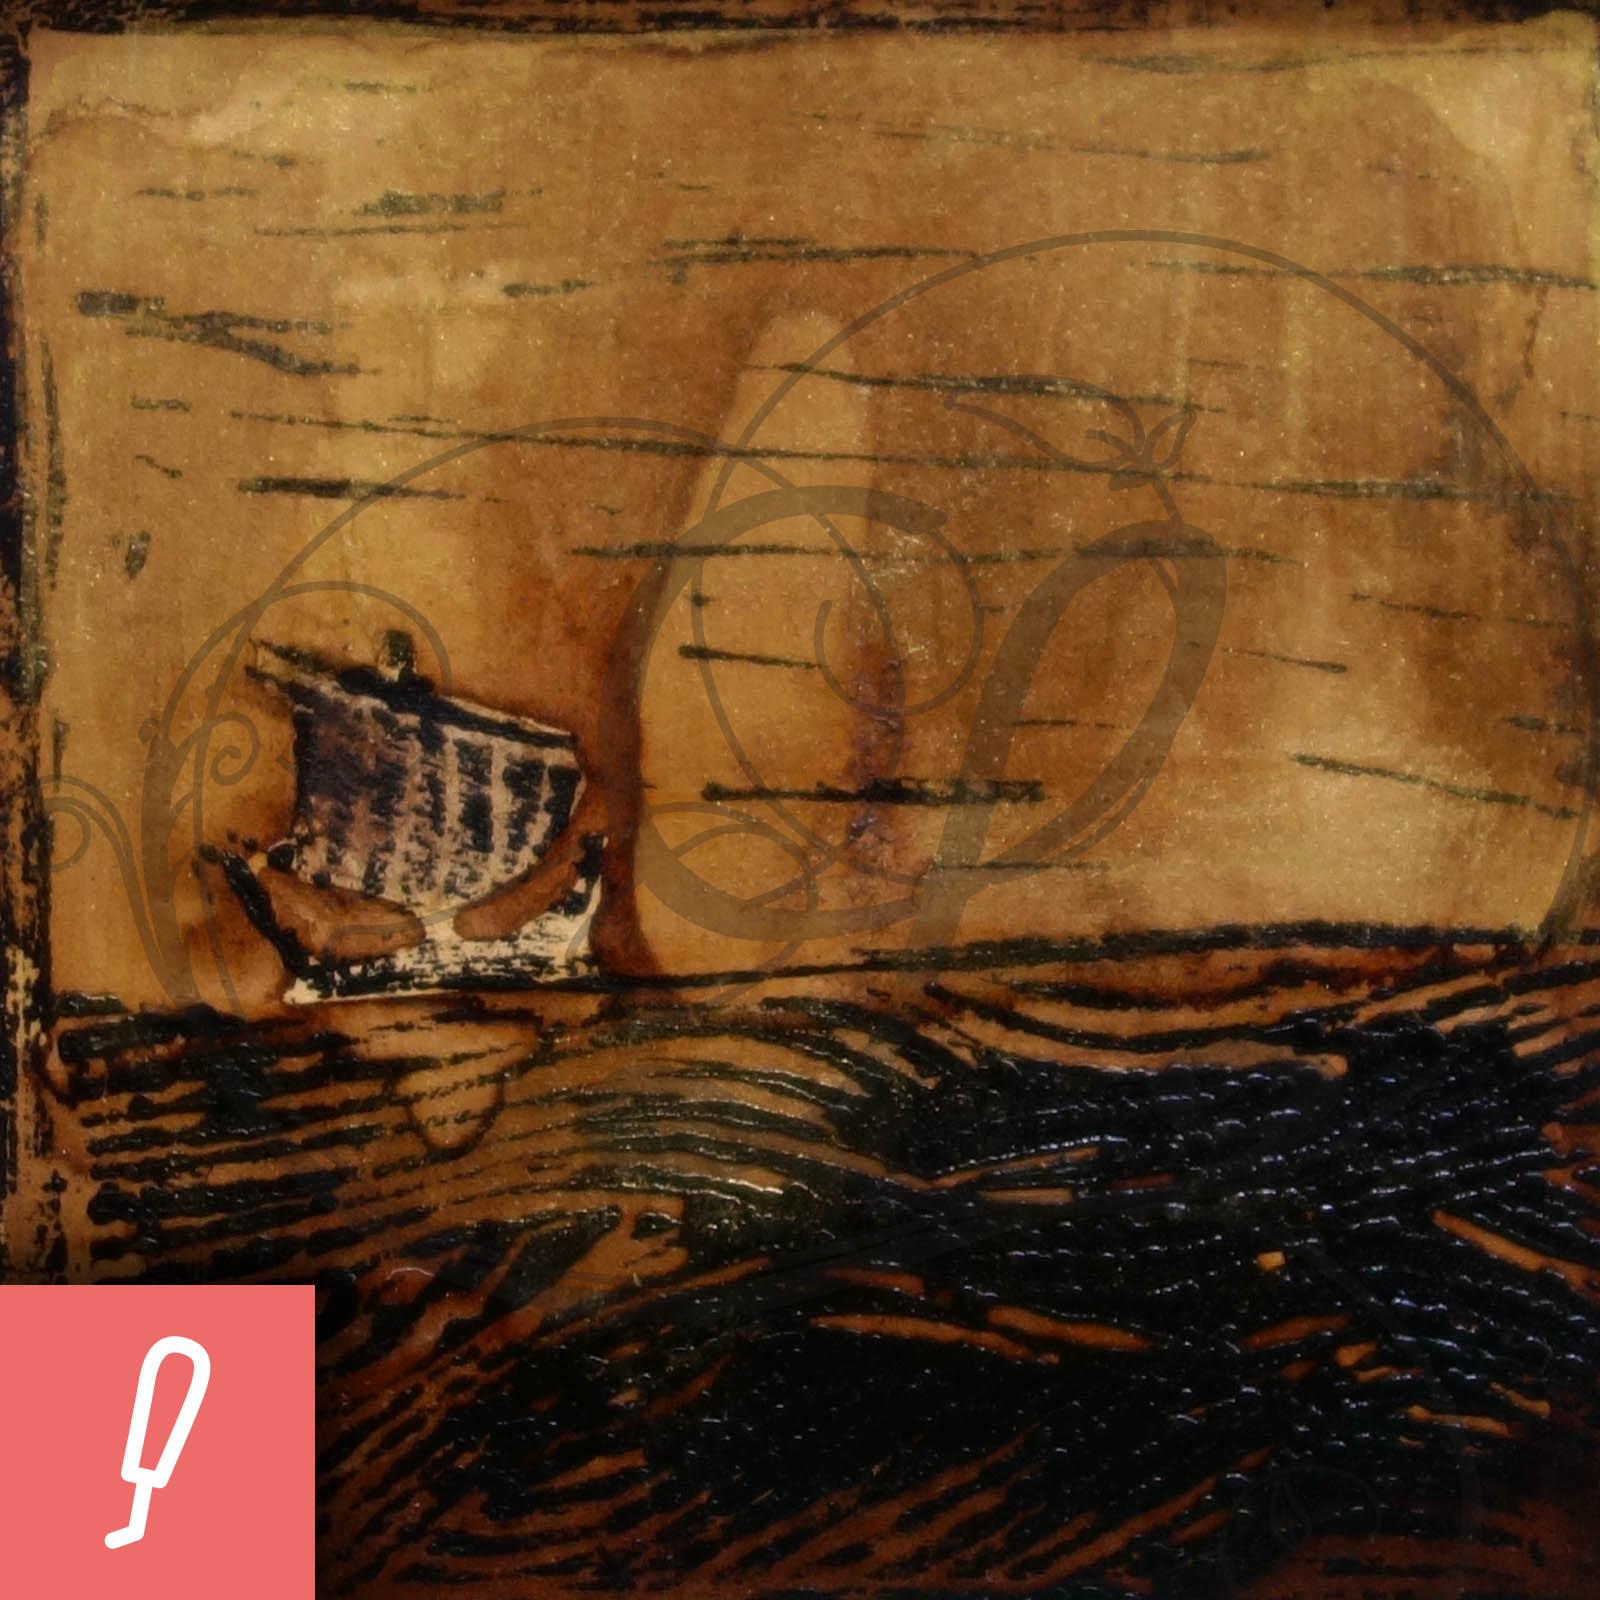 kadeg-gravure-129-01